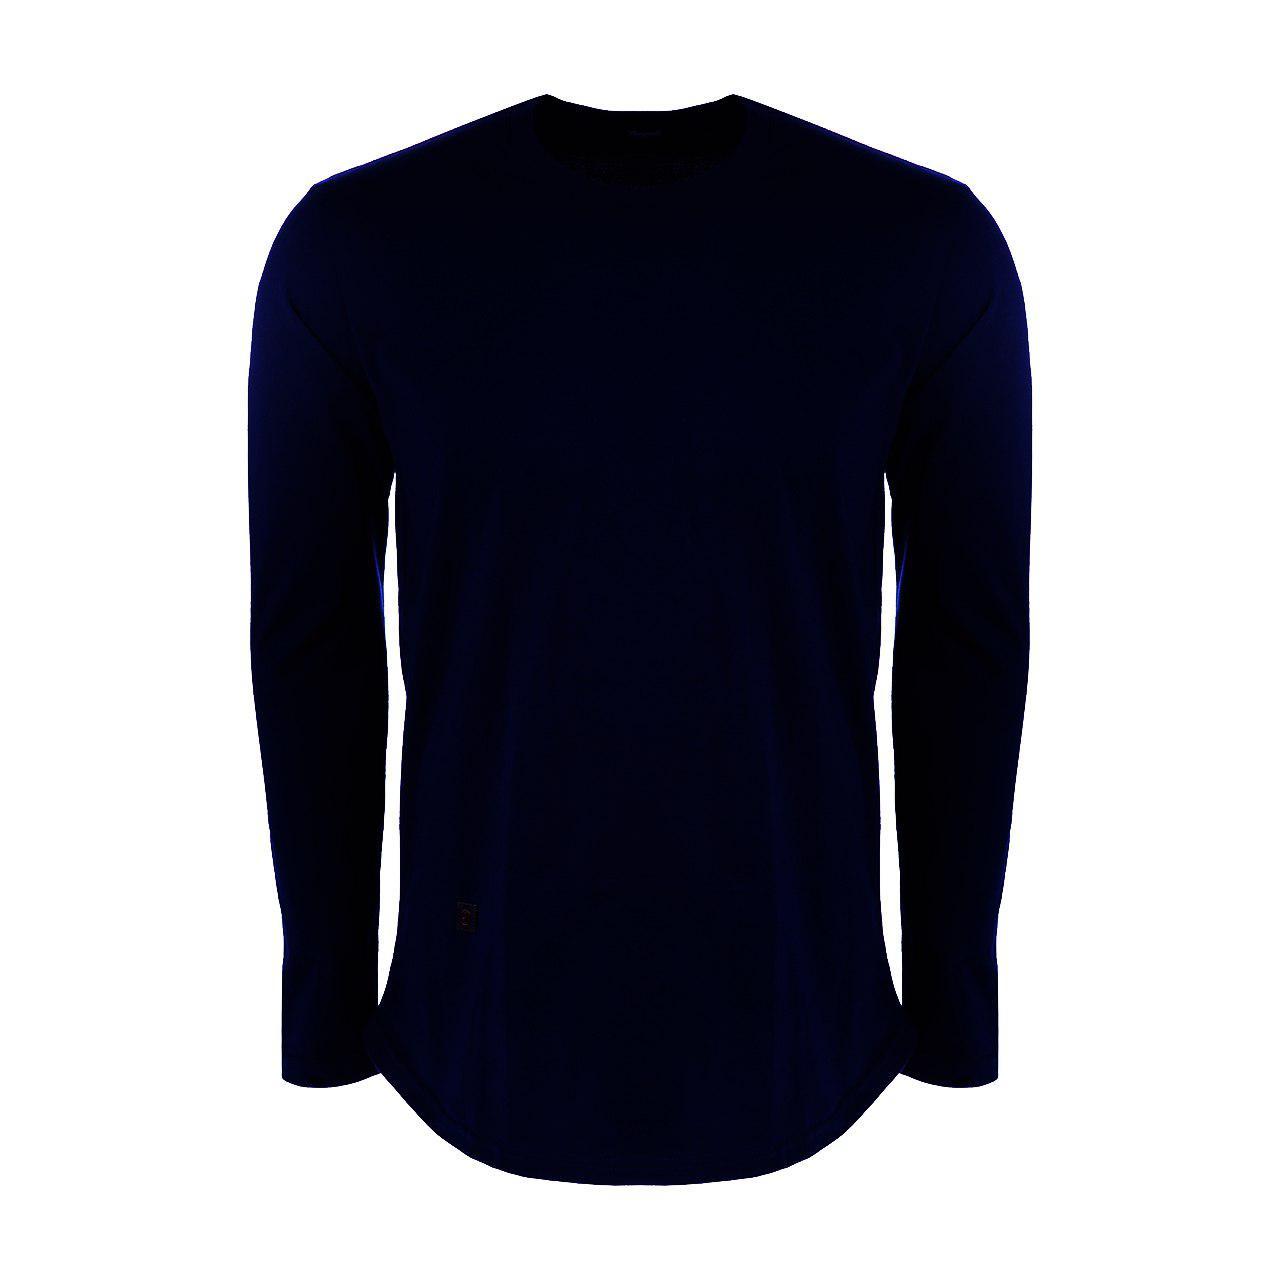 تی شرت آستین مردانه بای نت کد 273-1